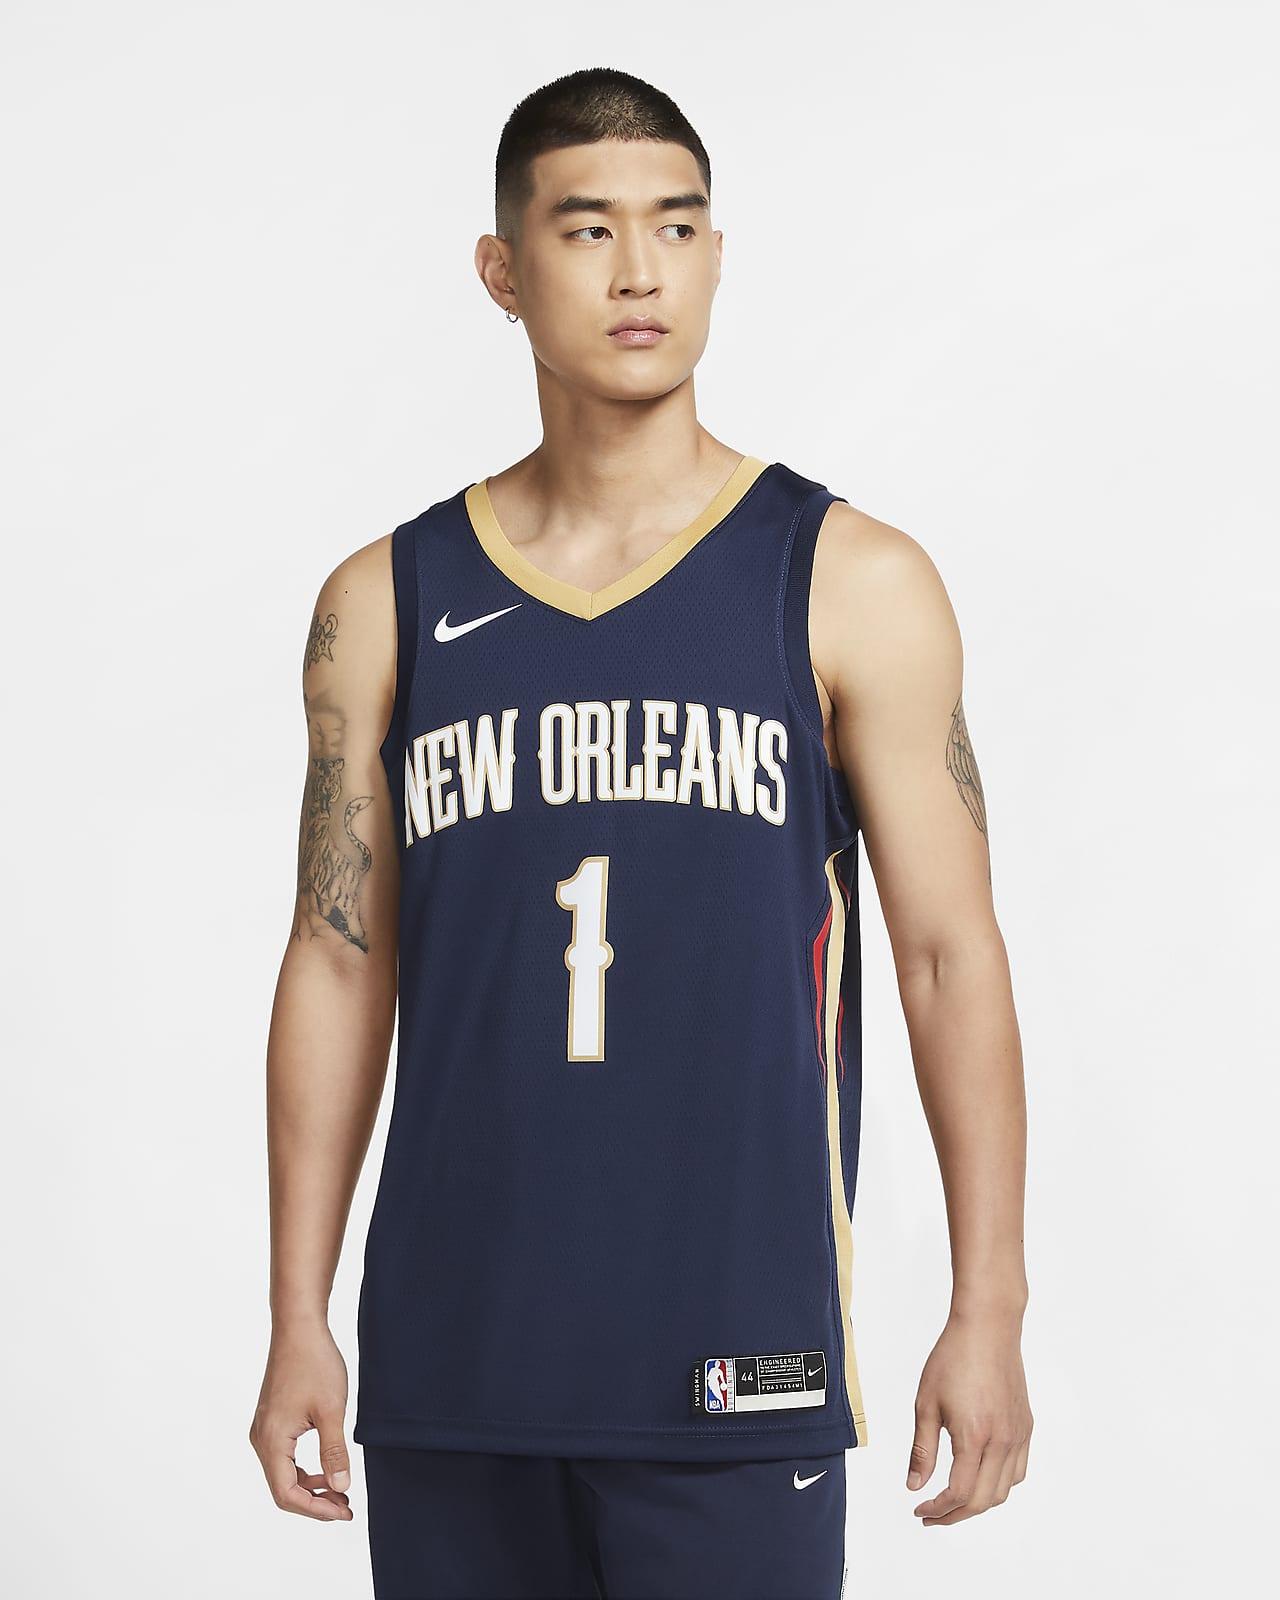 Camisola NBA da Nike Swingman Zion Williamson Pelicans Icon Edition 2020